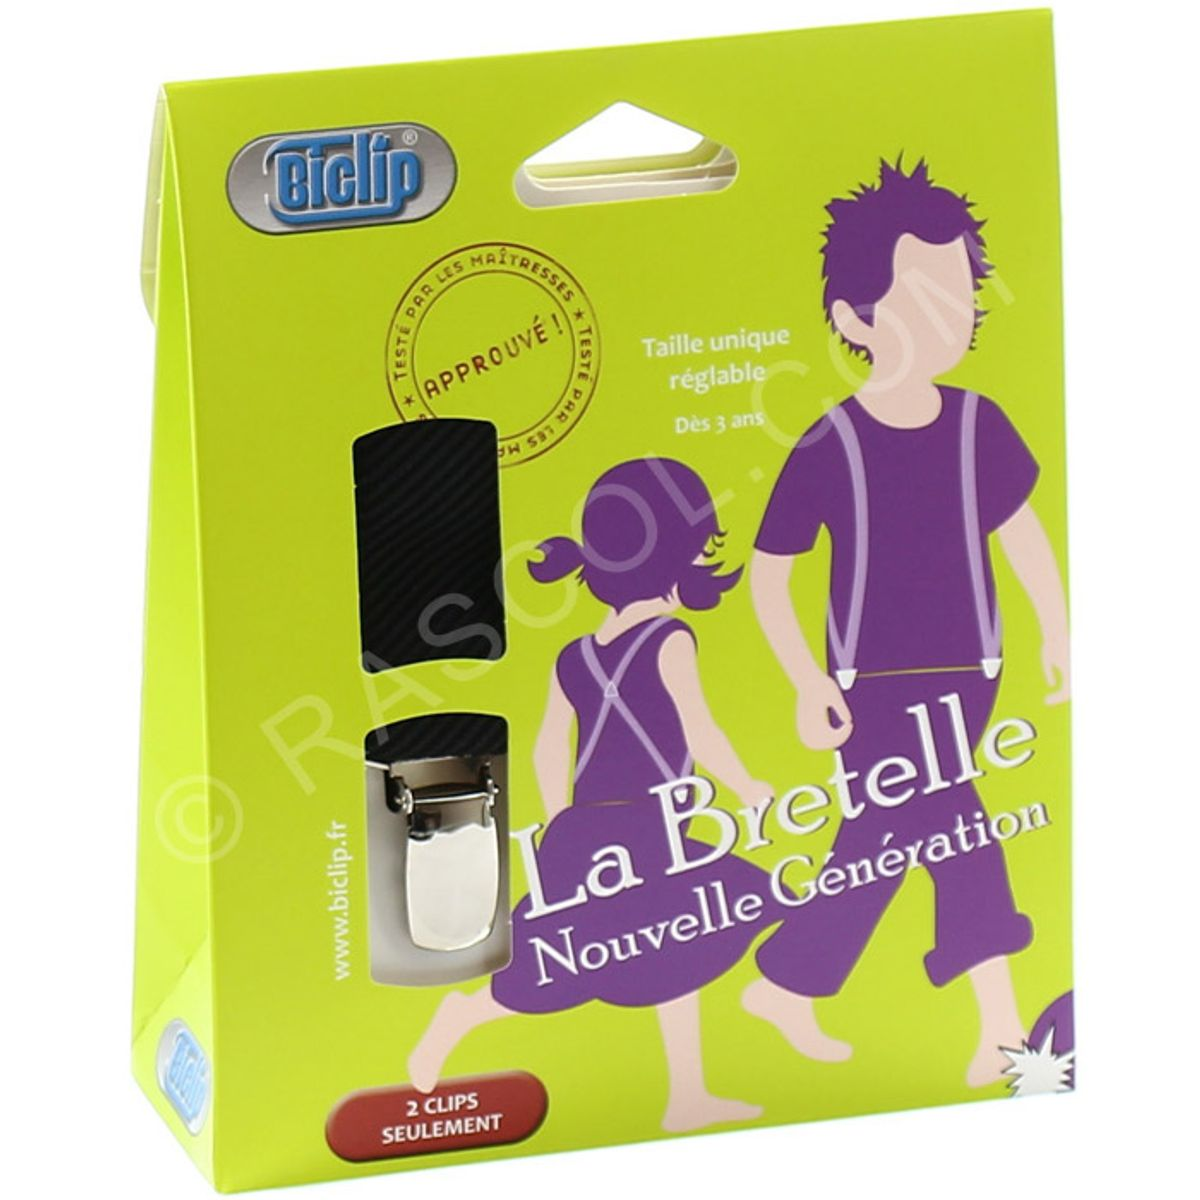 Bretelles Biclip harnais pour enfant